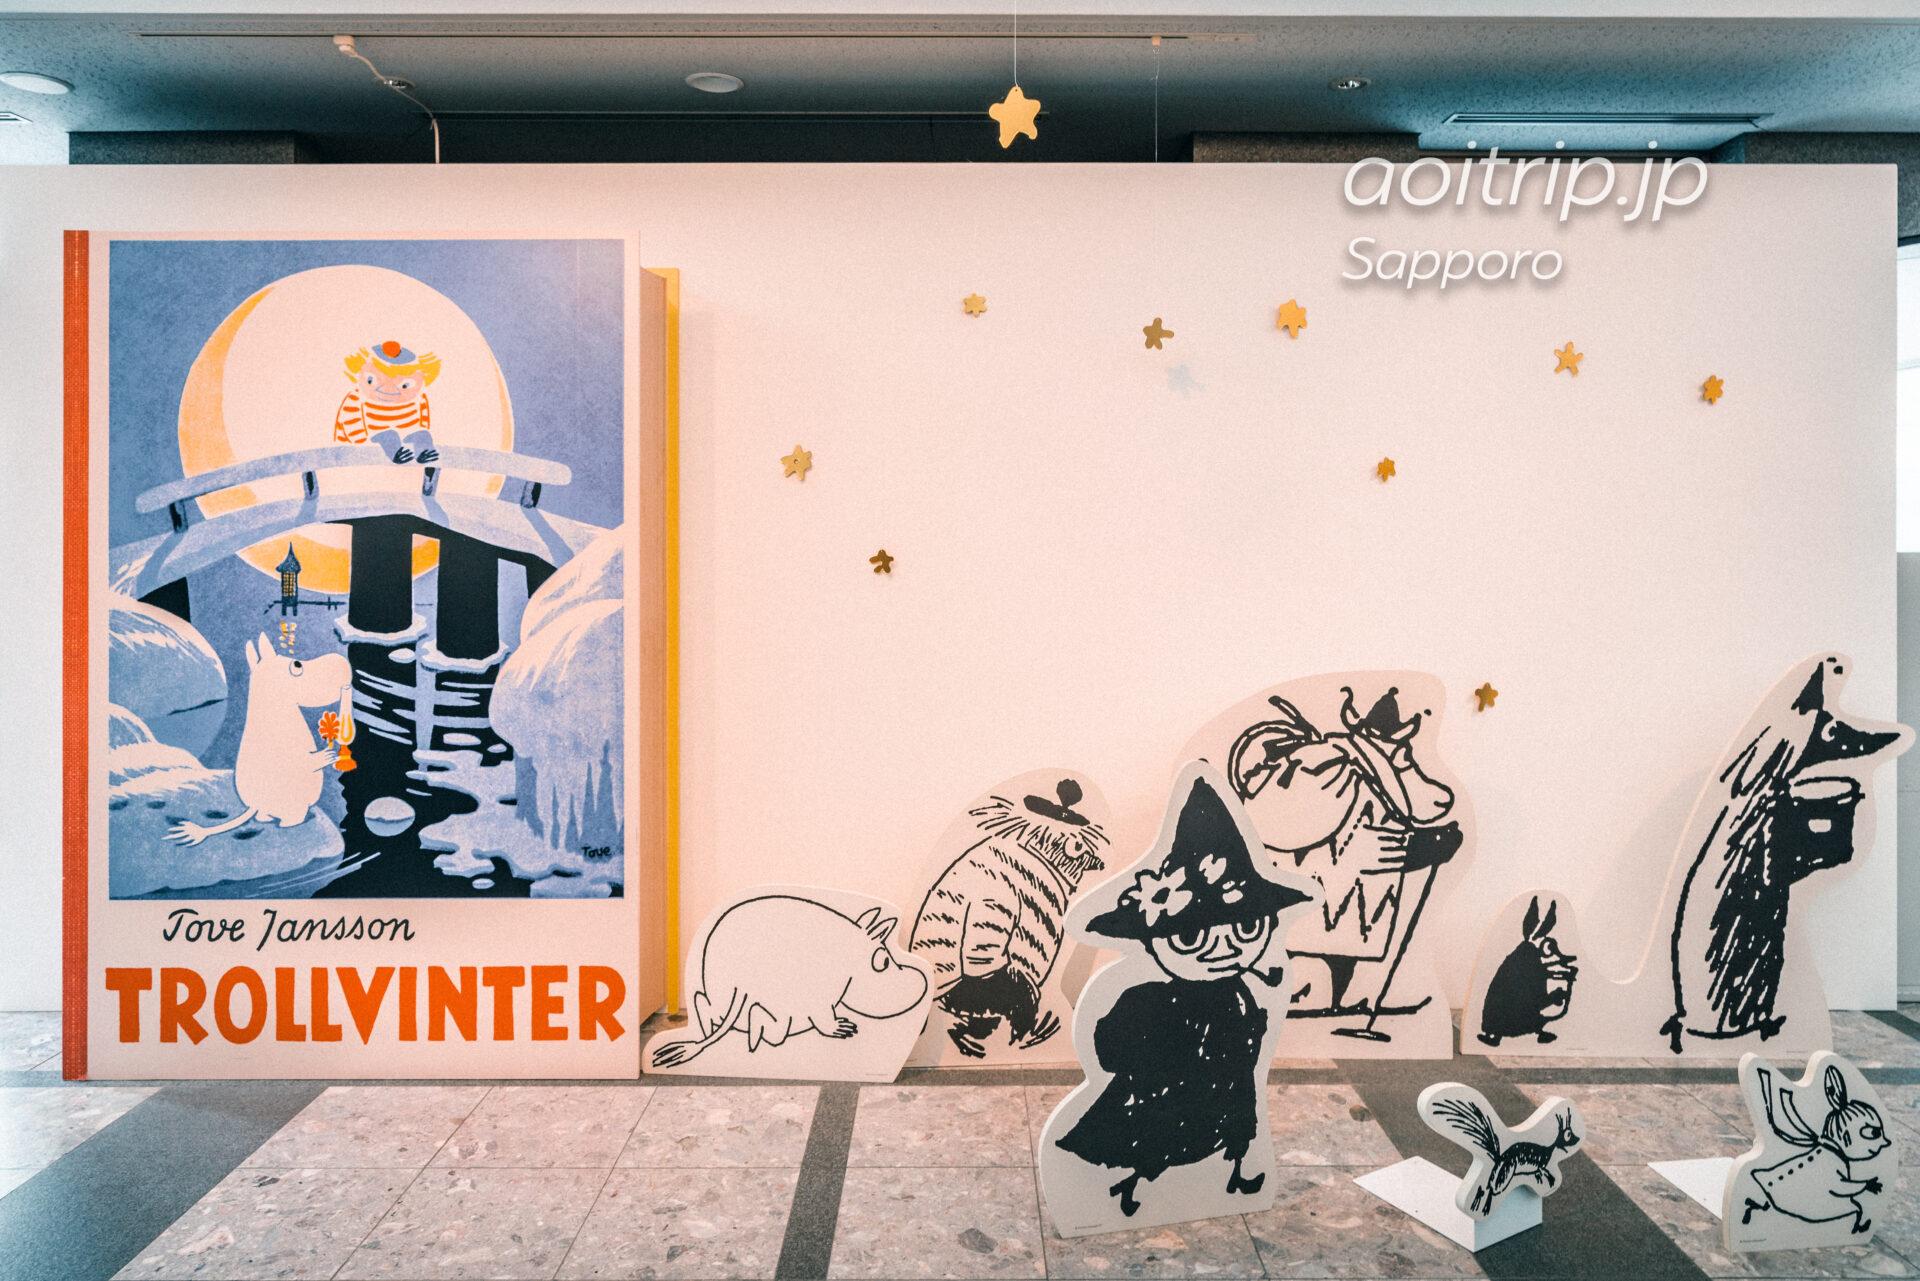 札幌芸術の森 Sapporo Art Park ムーミン展